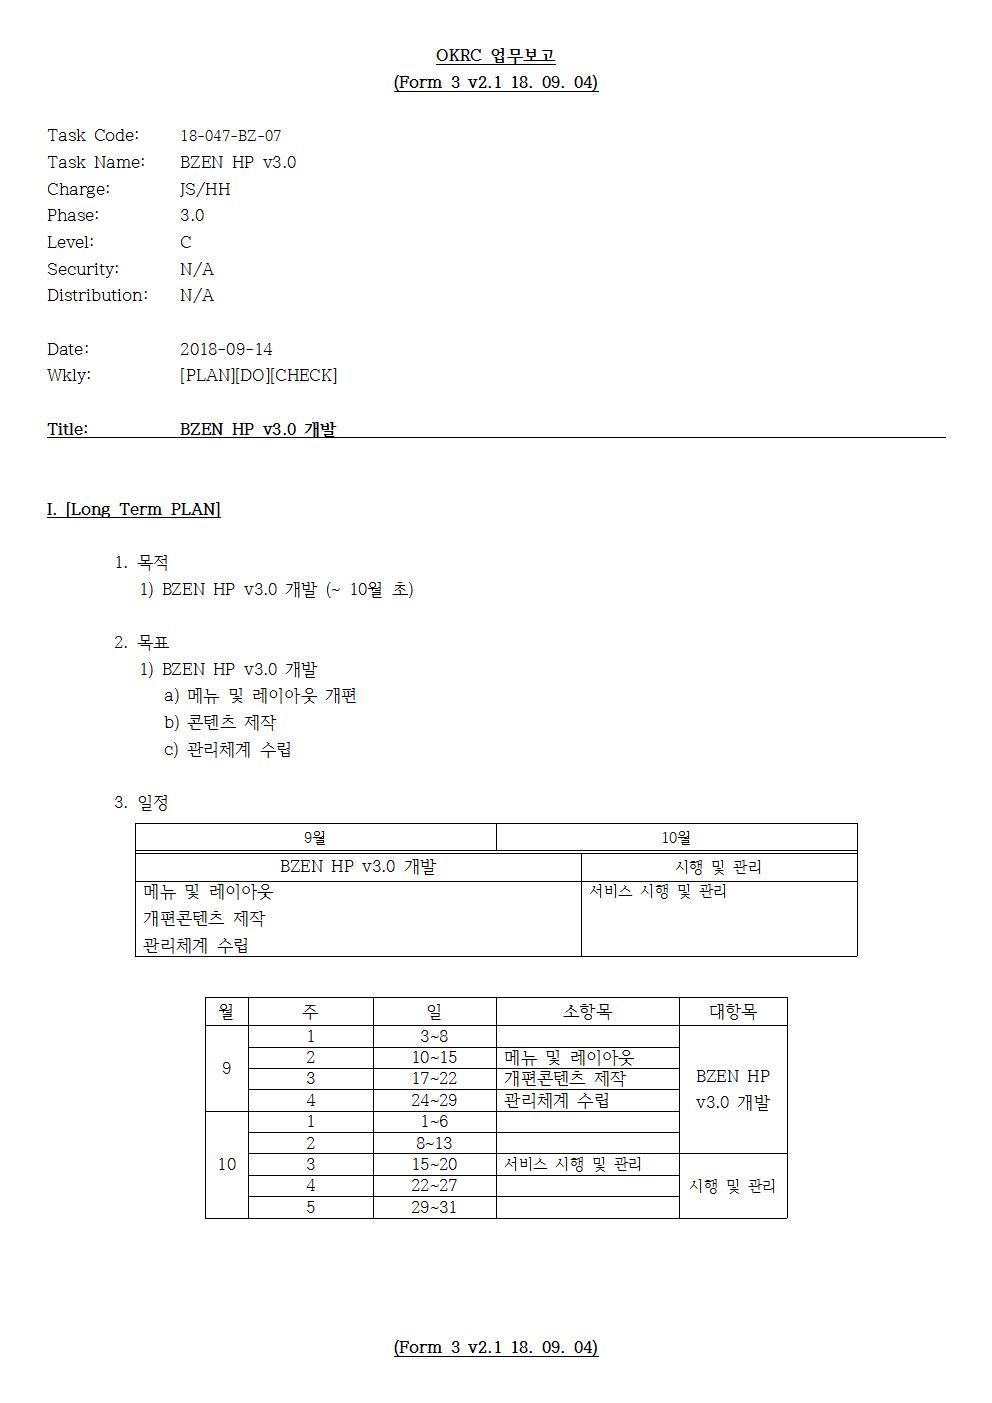 D-[18-047-BZ-07]-[BZEN HP v3.0]-[2018-09-14][JS]001.jpg